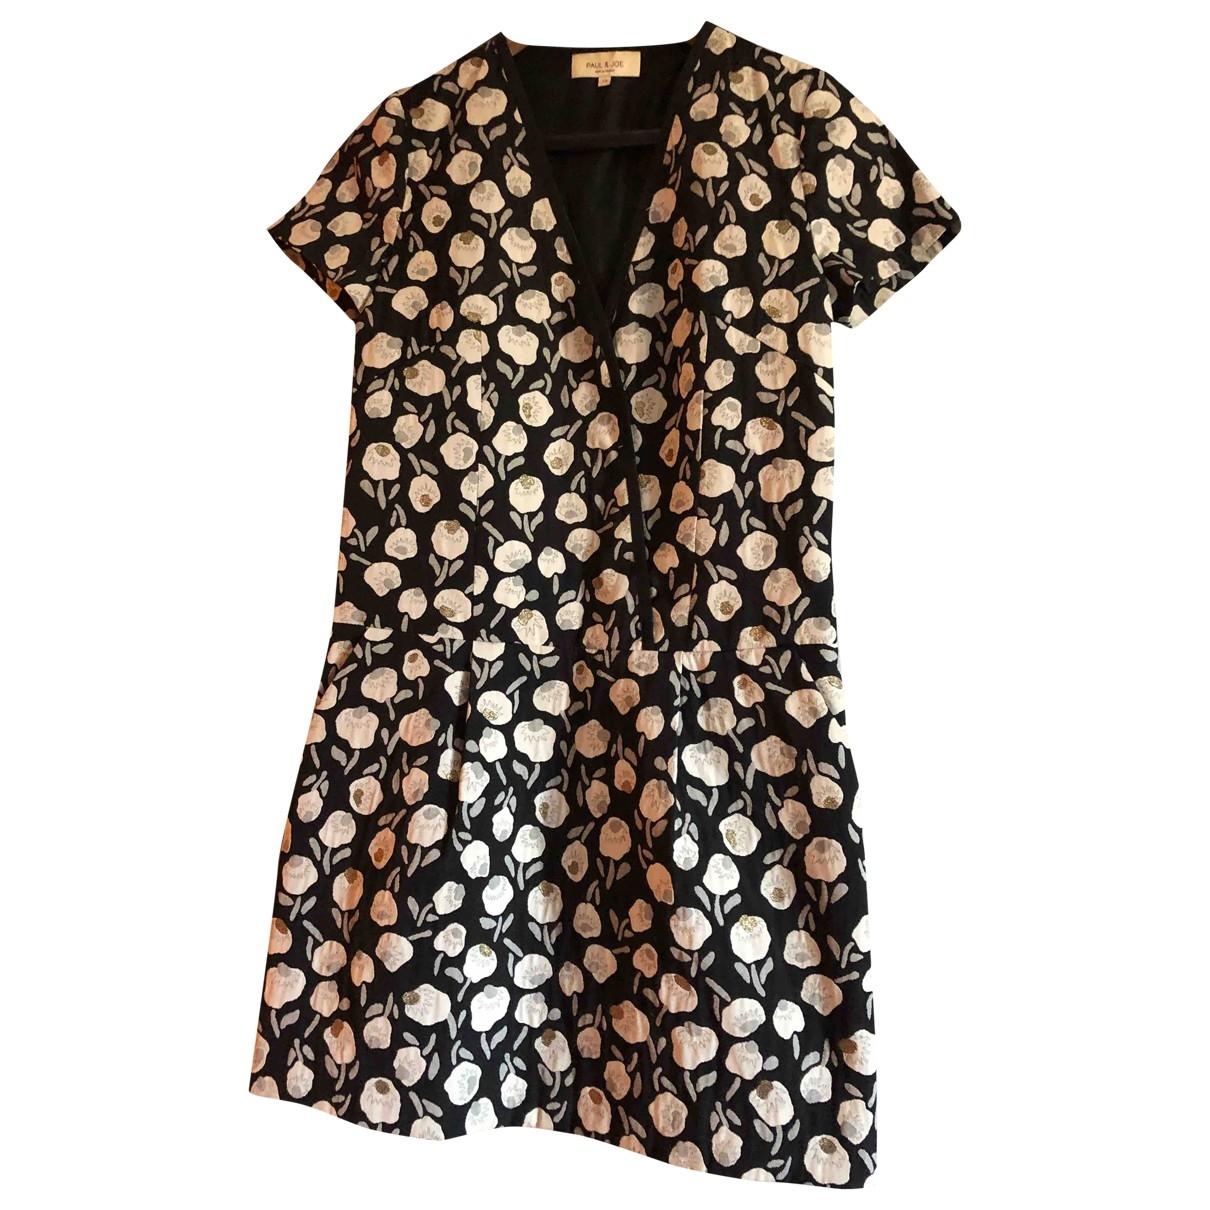 Paul & Joe \N Kleid in  Schwarz Polyester